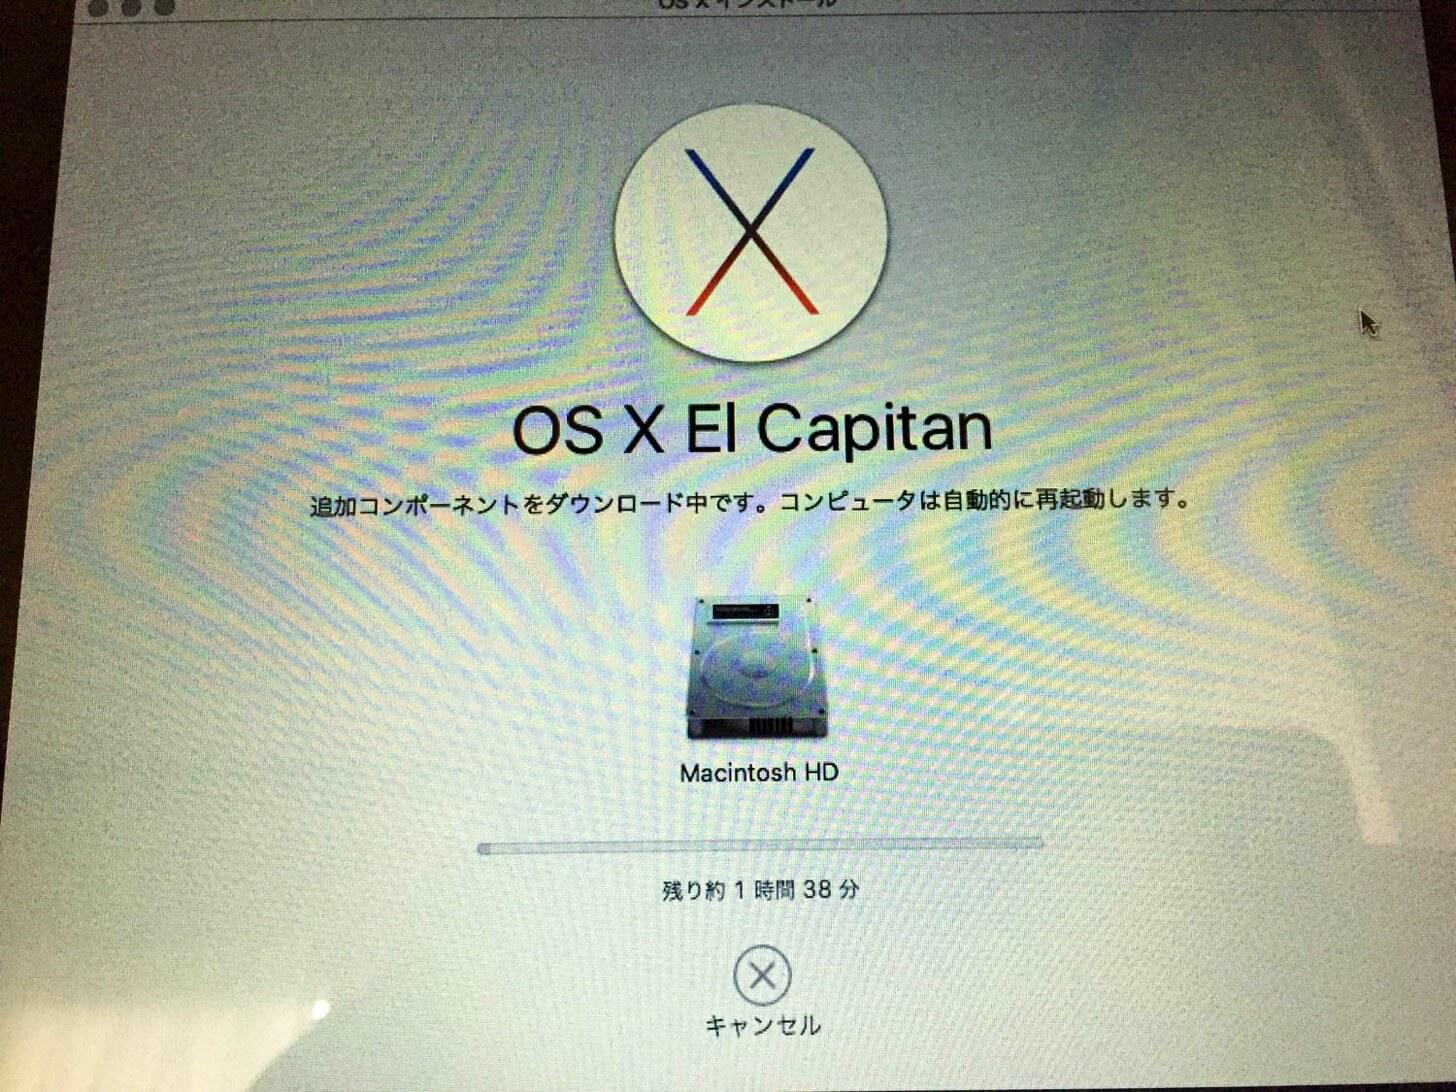 os-x-el-capitan-cleaninstall